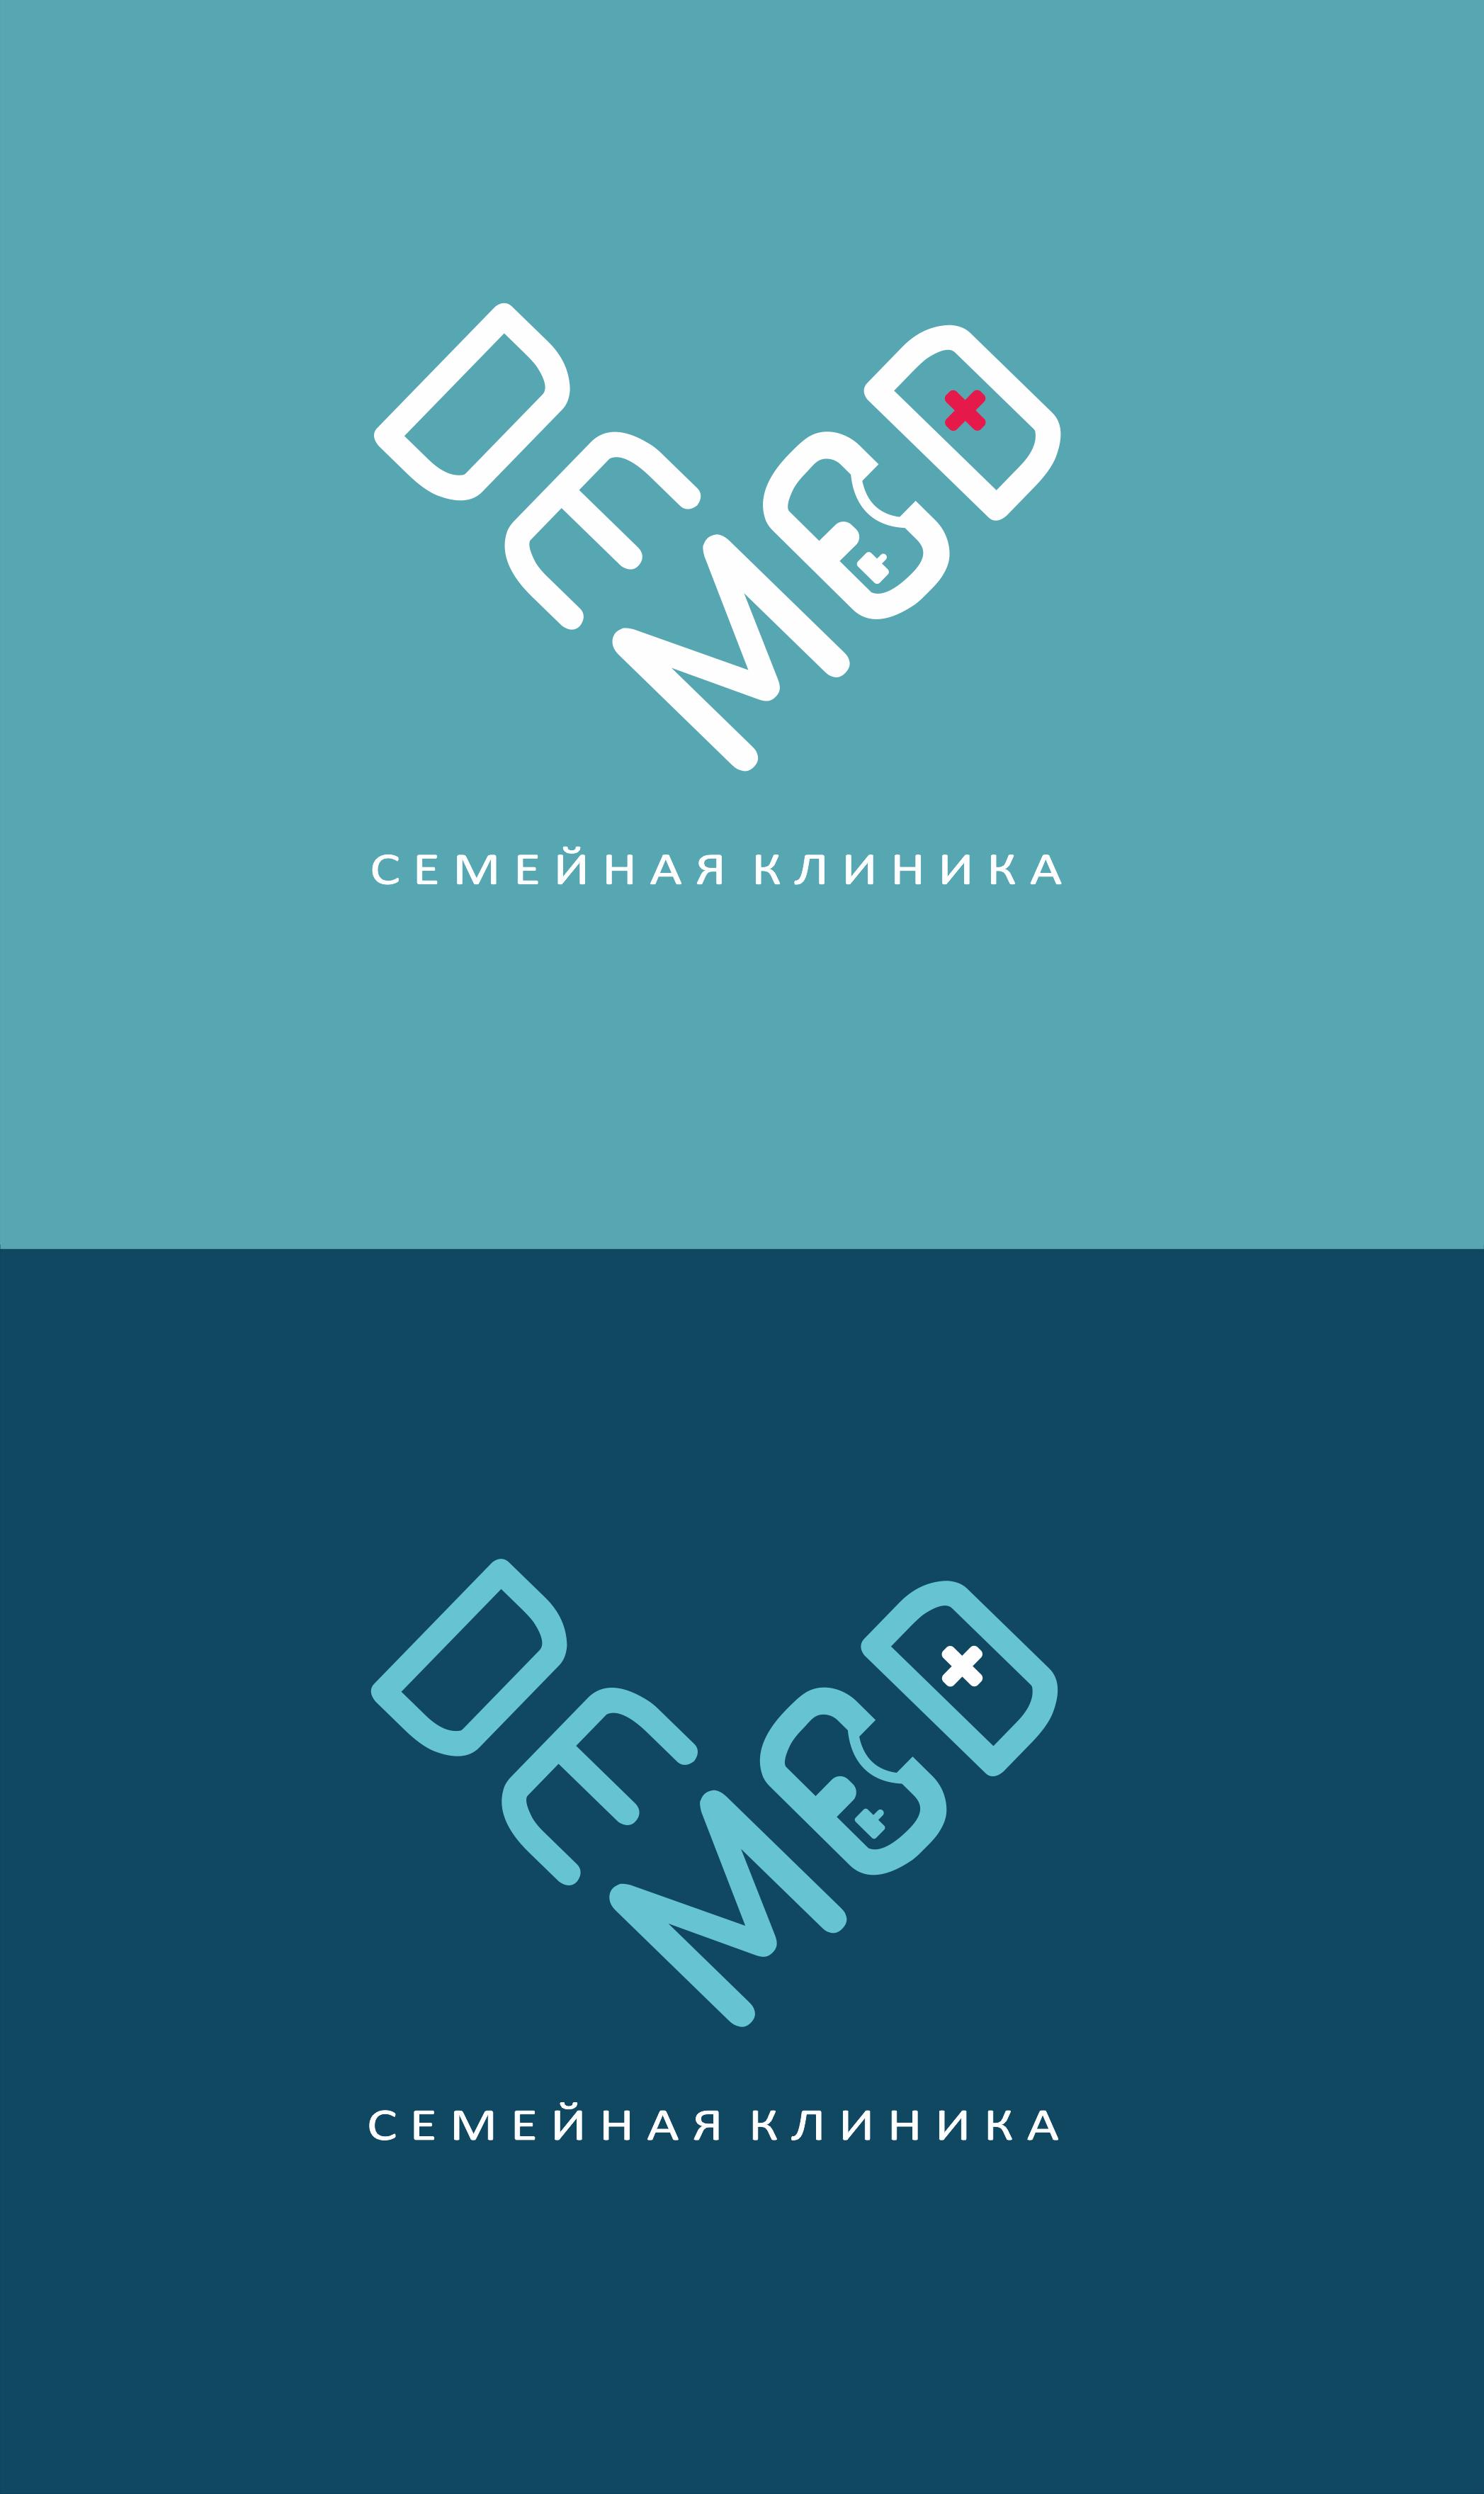 Логотип медицинского центра фото f_0995dc84b8d70bbb.png